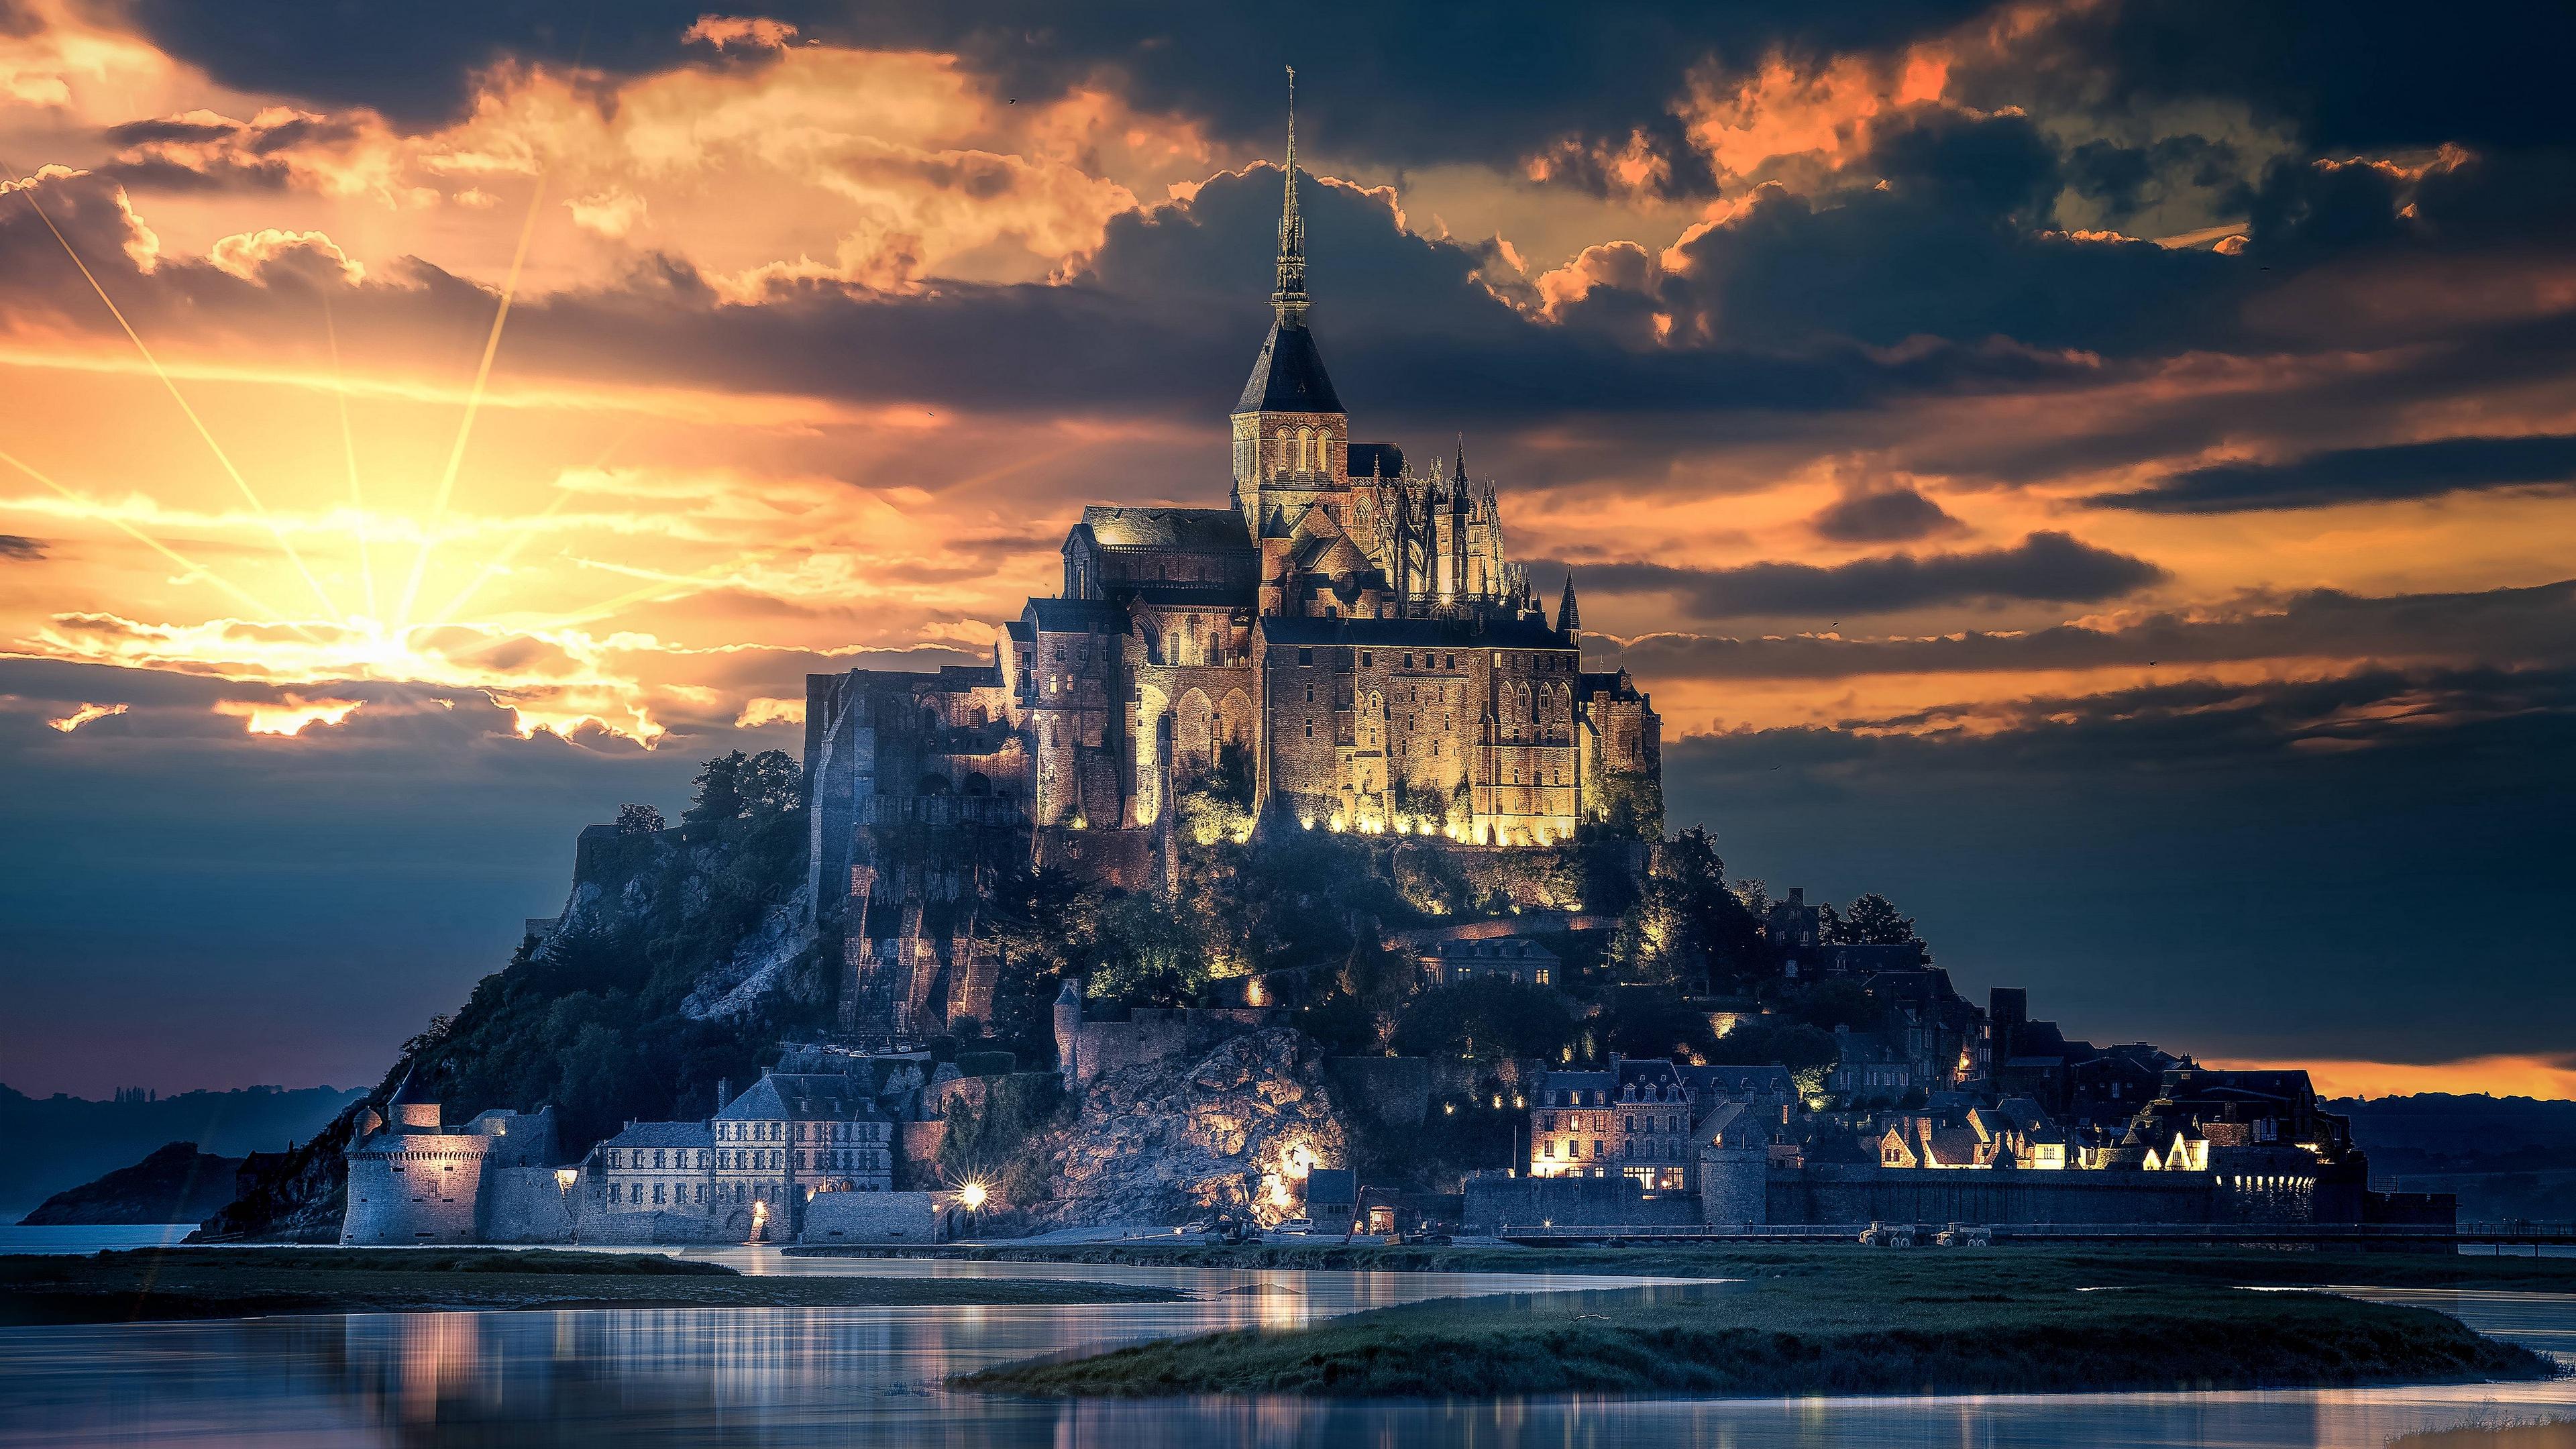 mont saint michel france island castle 4k 1538068530 - mont-saint-michel, france, island, castle 4k - mont-saint-michel, Island, France